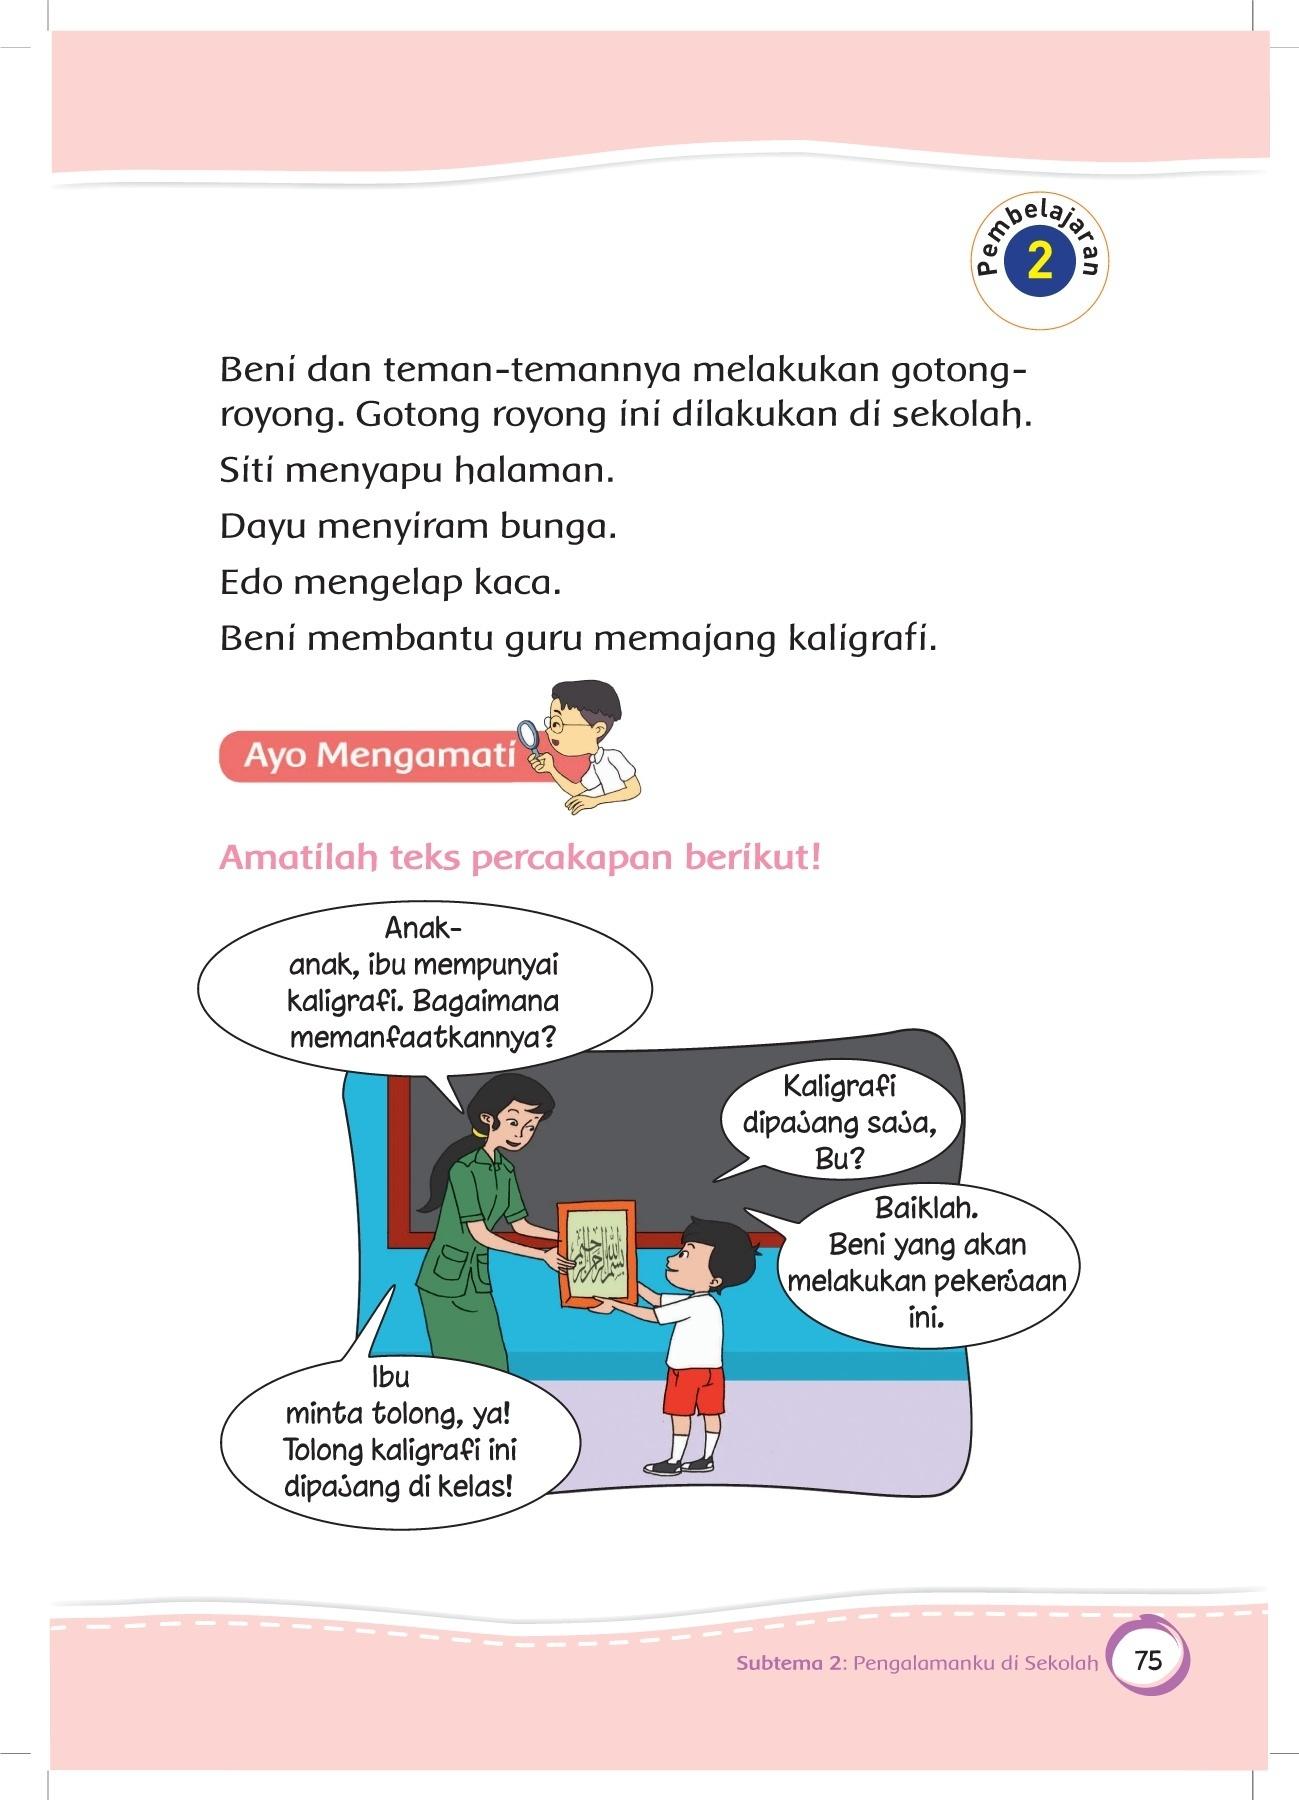 Buku muatan lokal dinas pendidikan provinsi yogyakarta. Jelaskan makna ungkapan minta tolong dari teks di atas